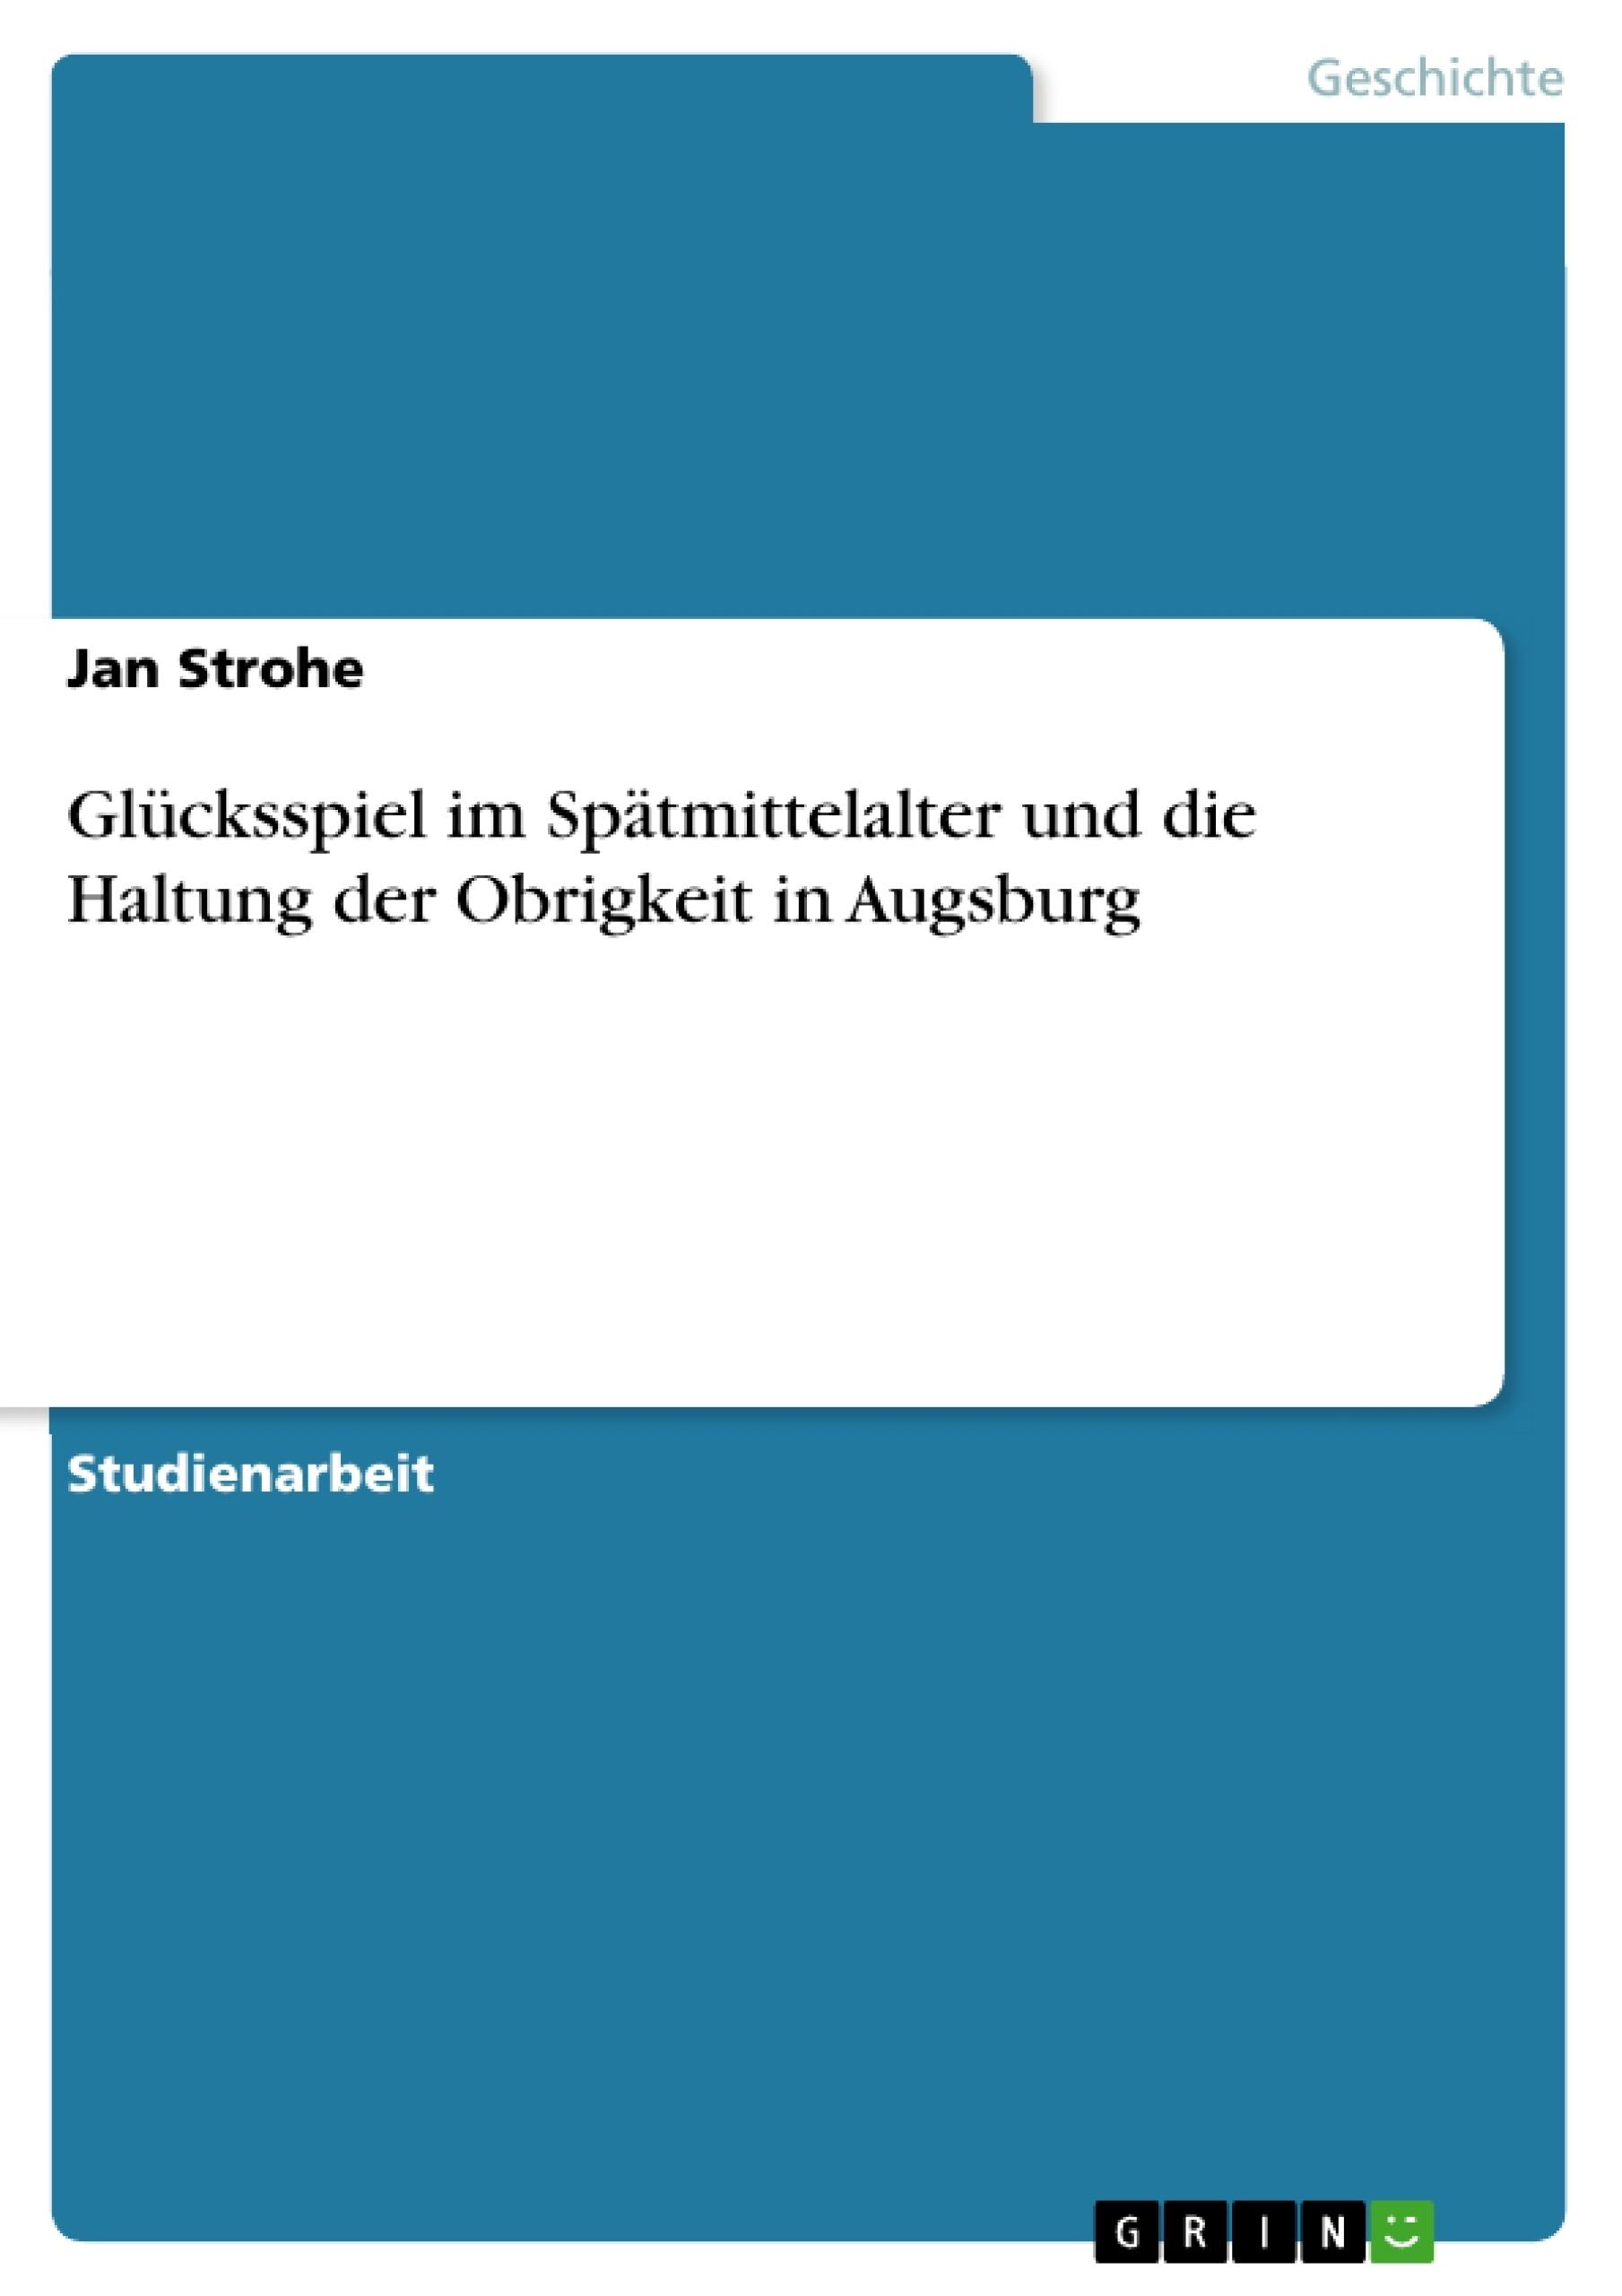 Titel: Glücksspiel im Spätmittelalter und die Haltung der Obrigkeit in Augsburg